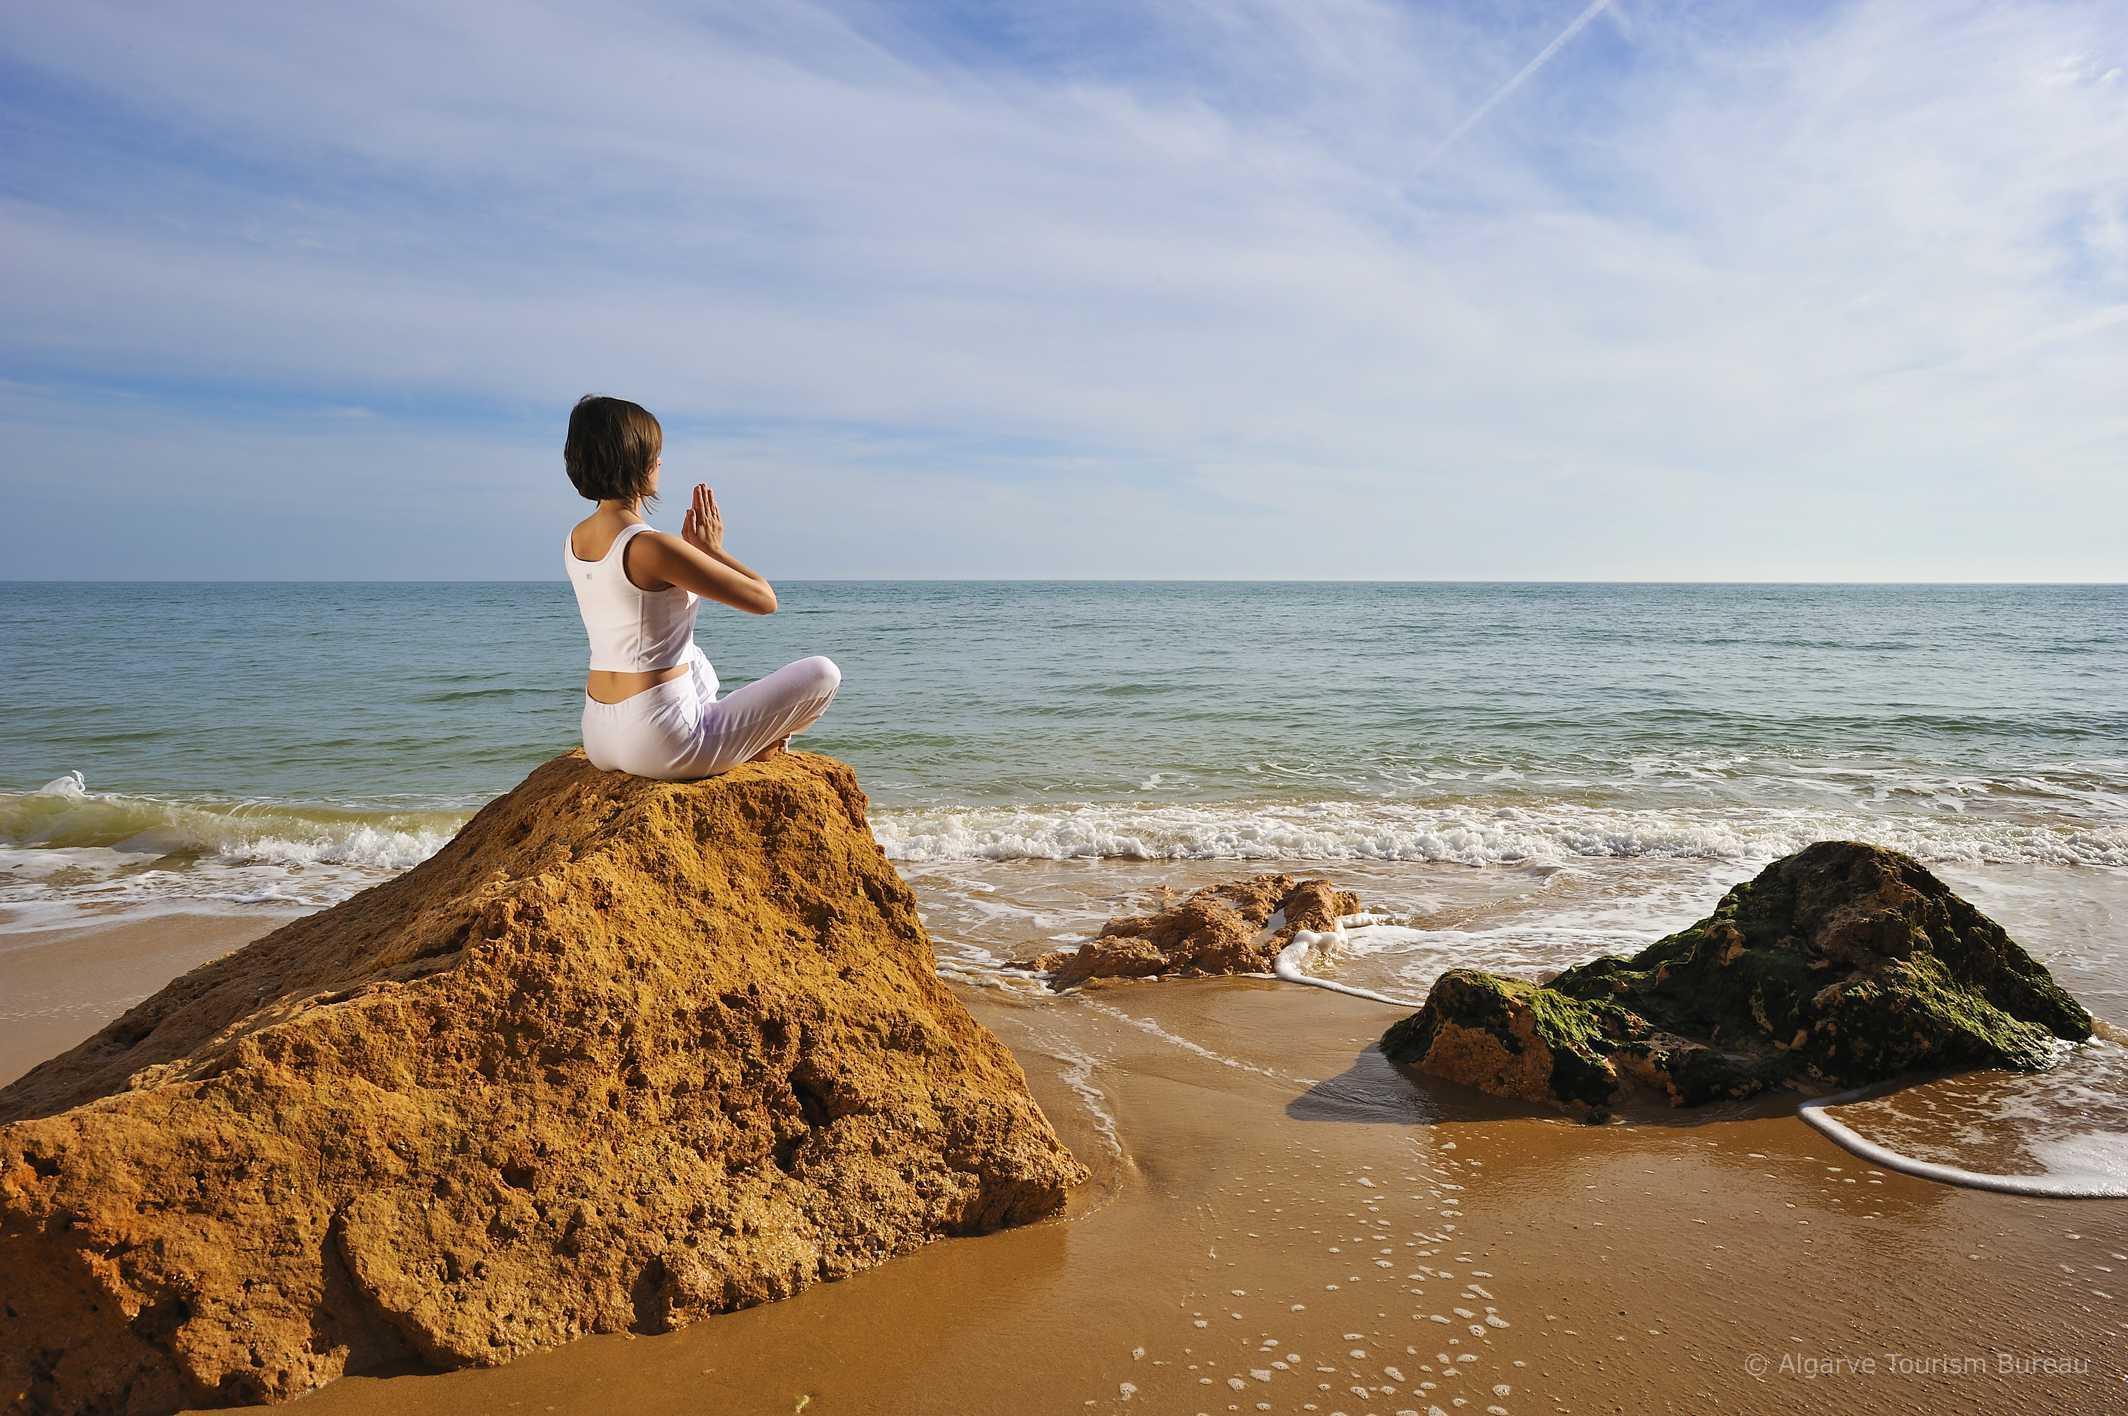 Meditating on beach in the Algarve